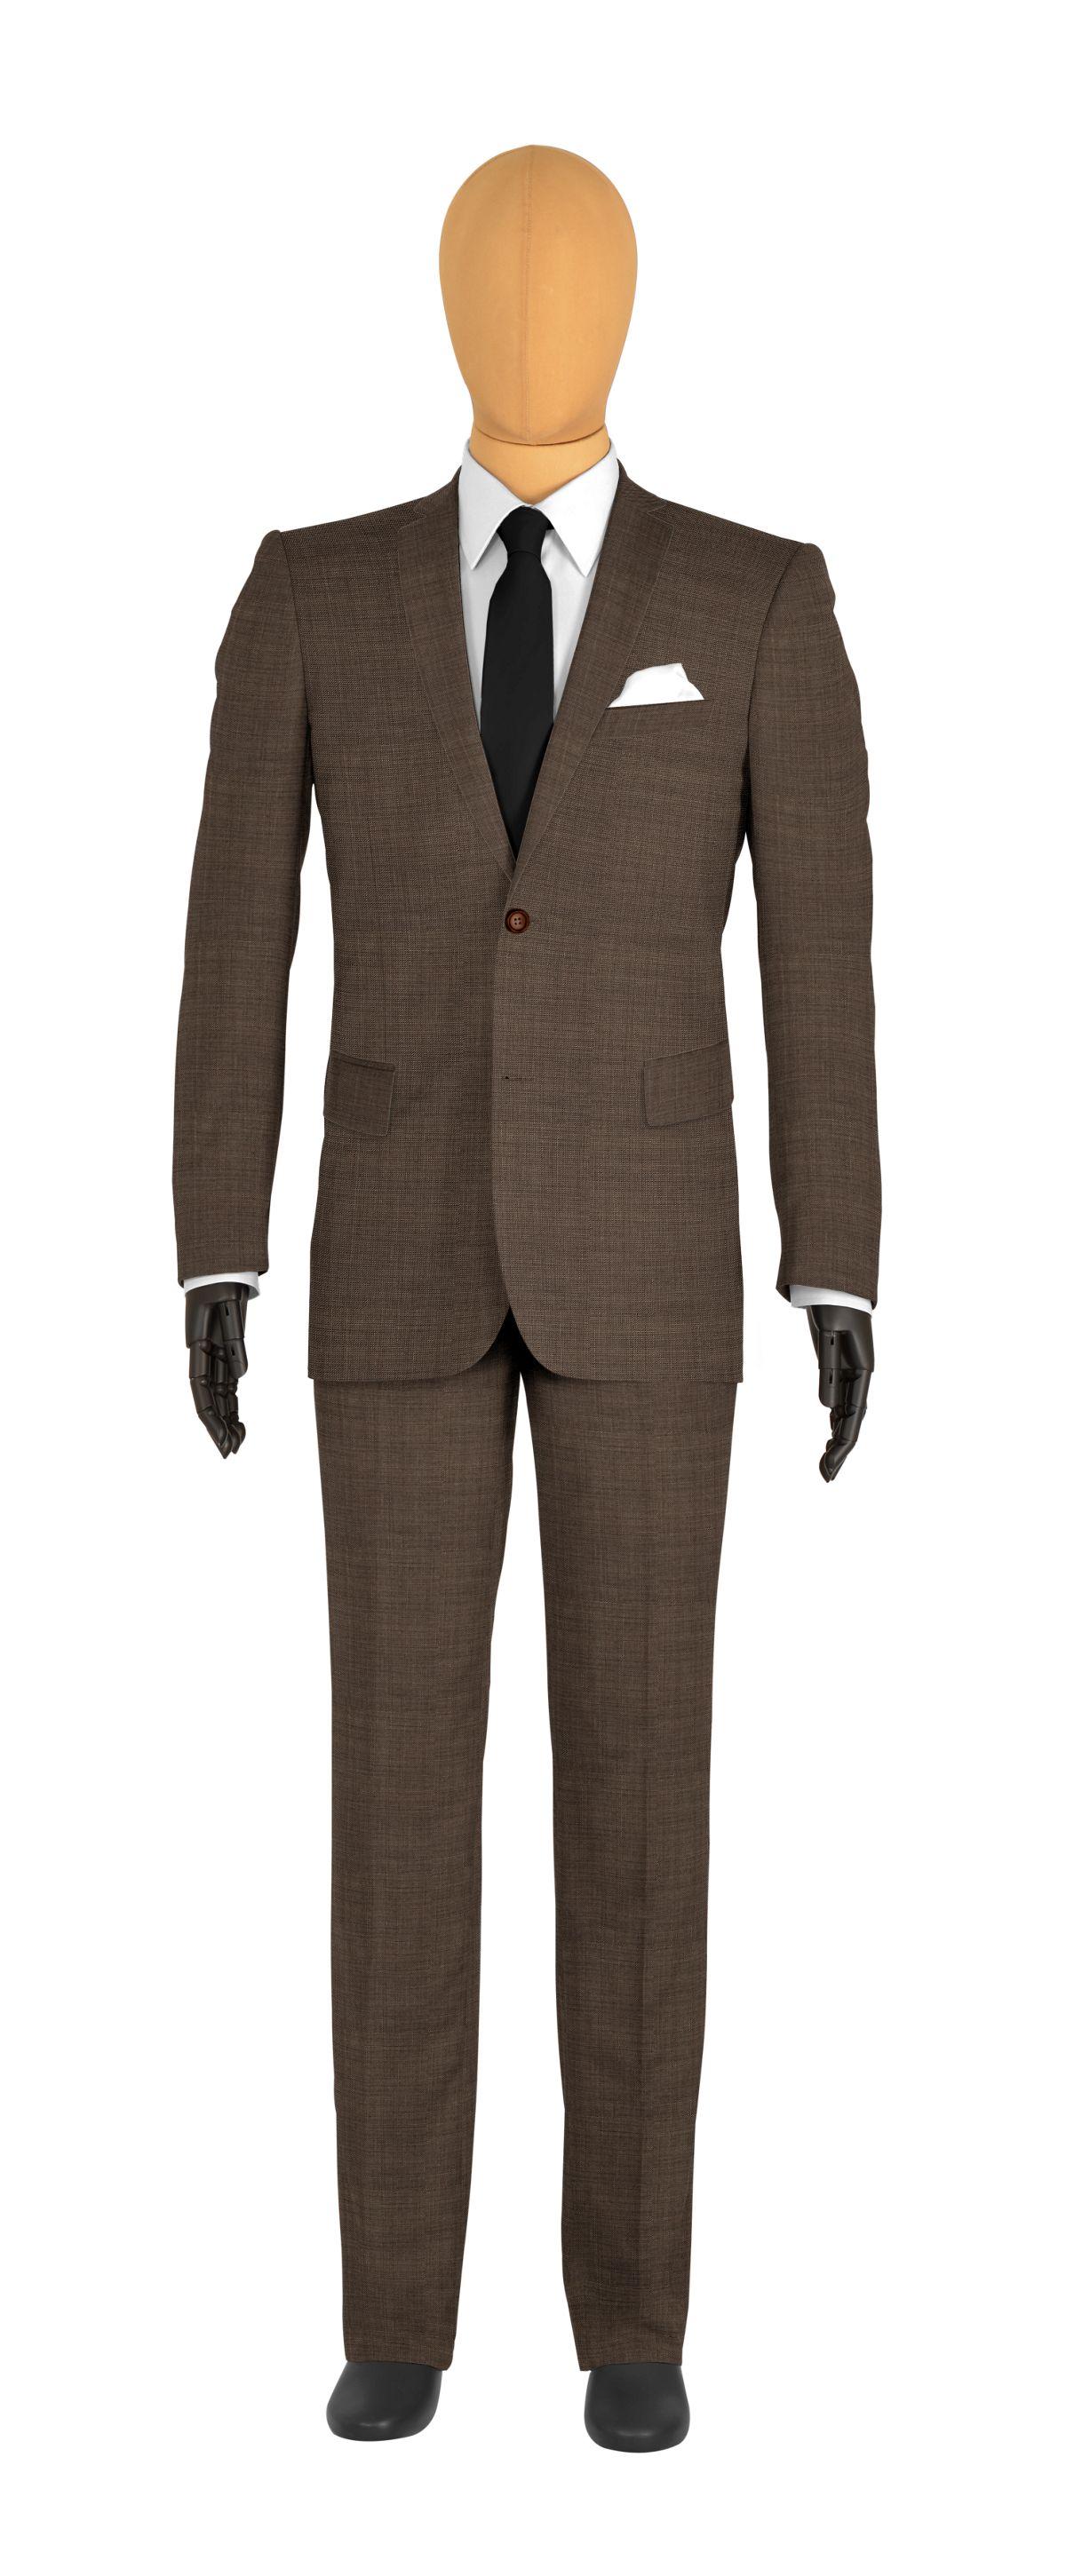 veste 2 boutons sur mesure pour homme beige uni